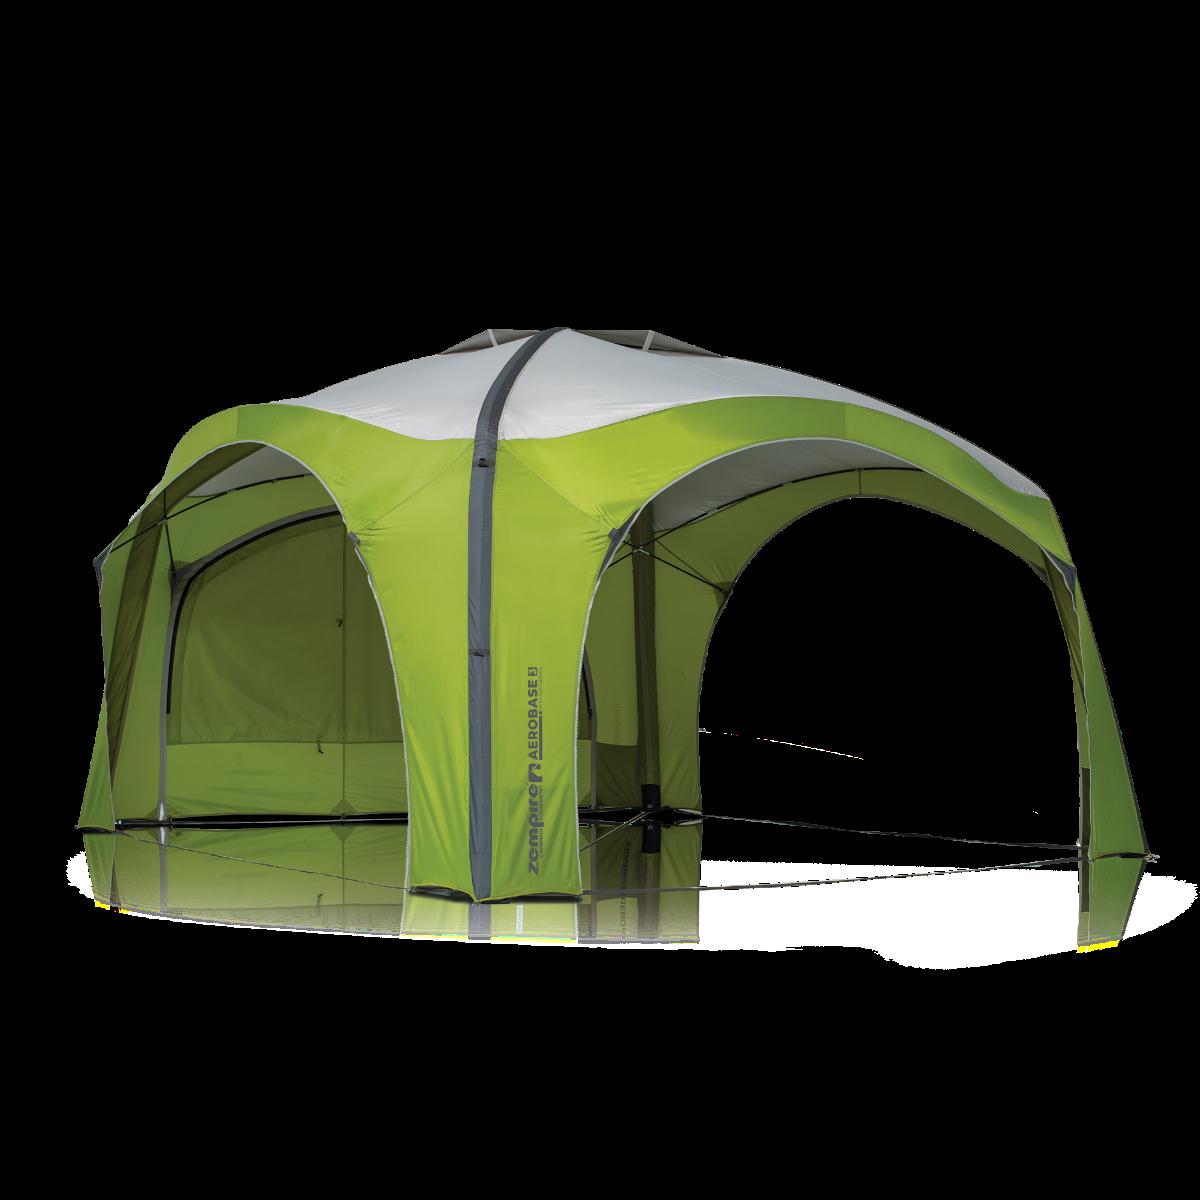 Aerobase Shelter